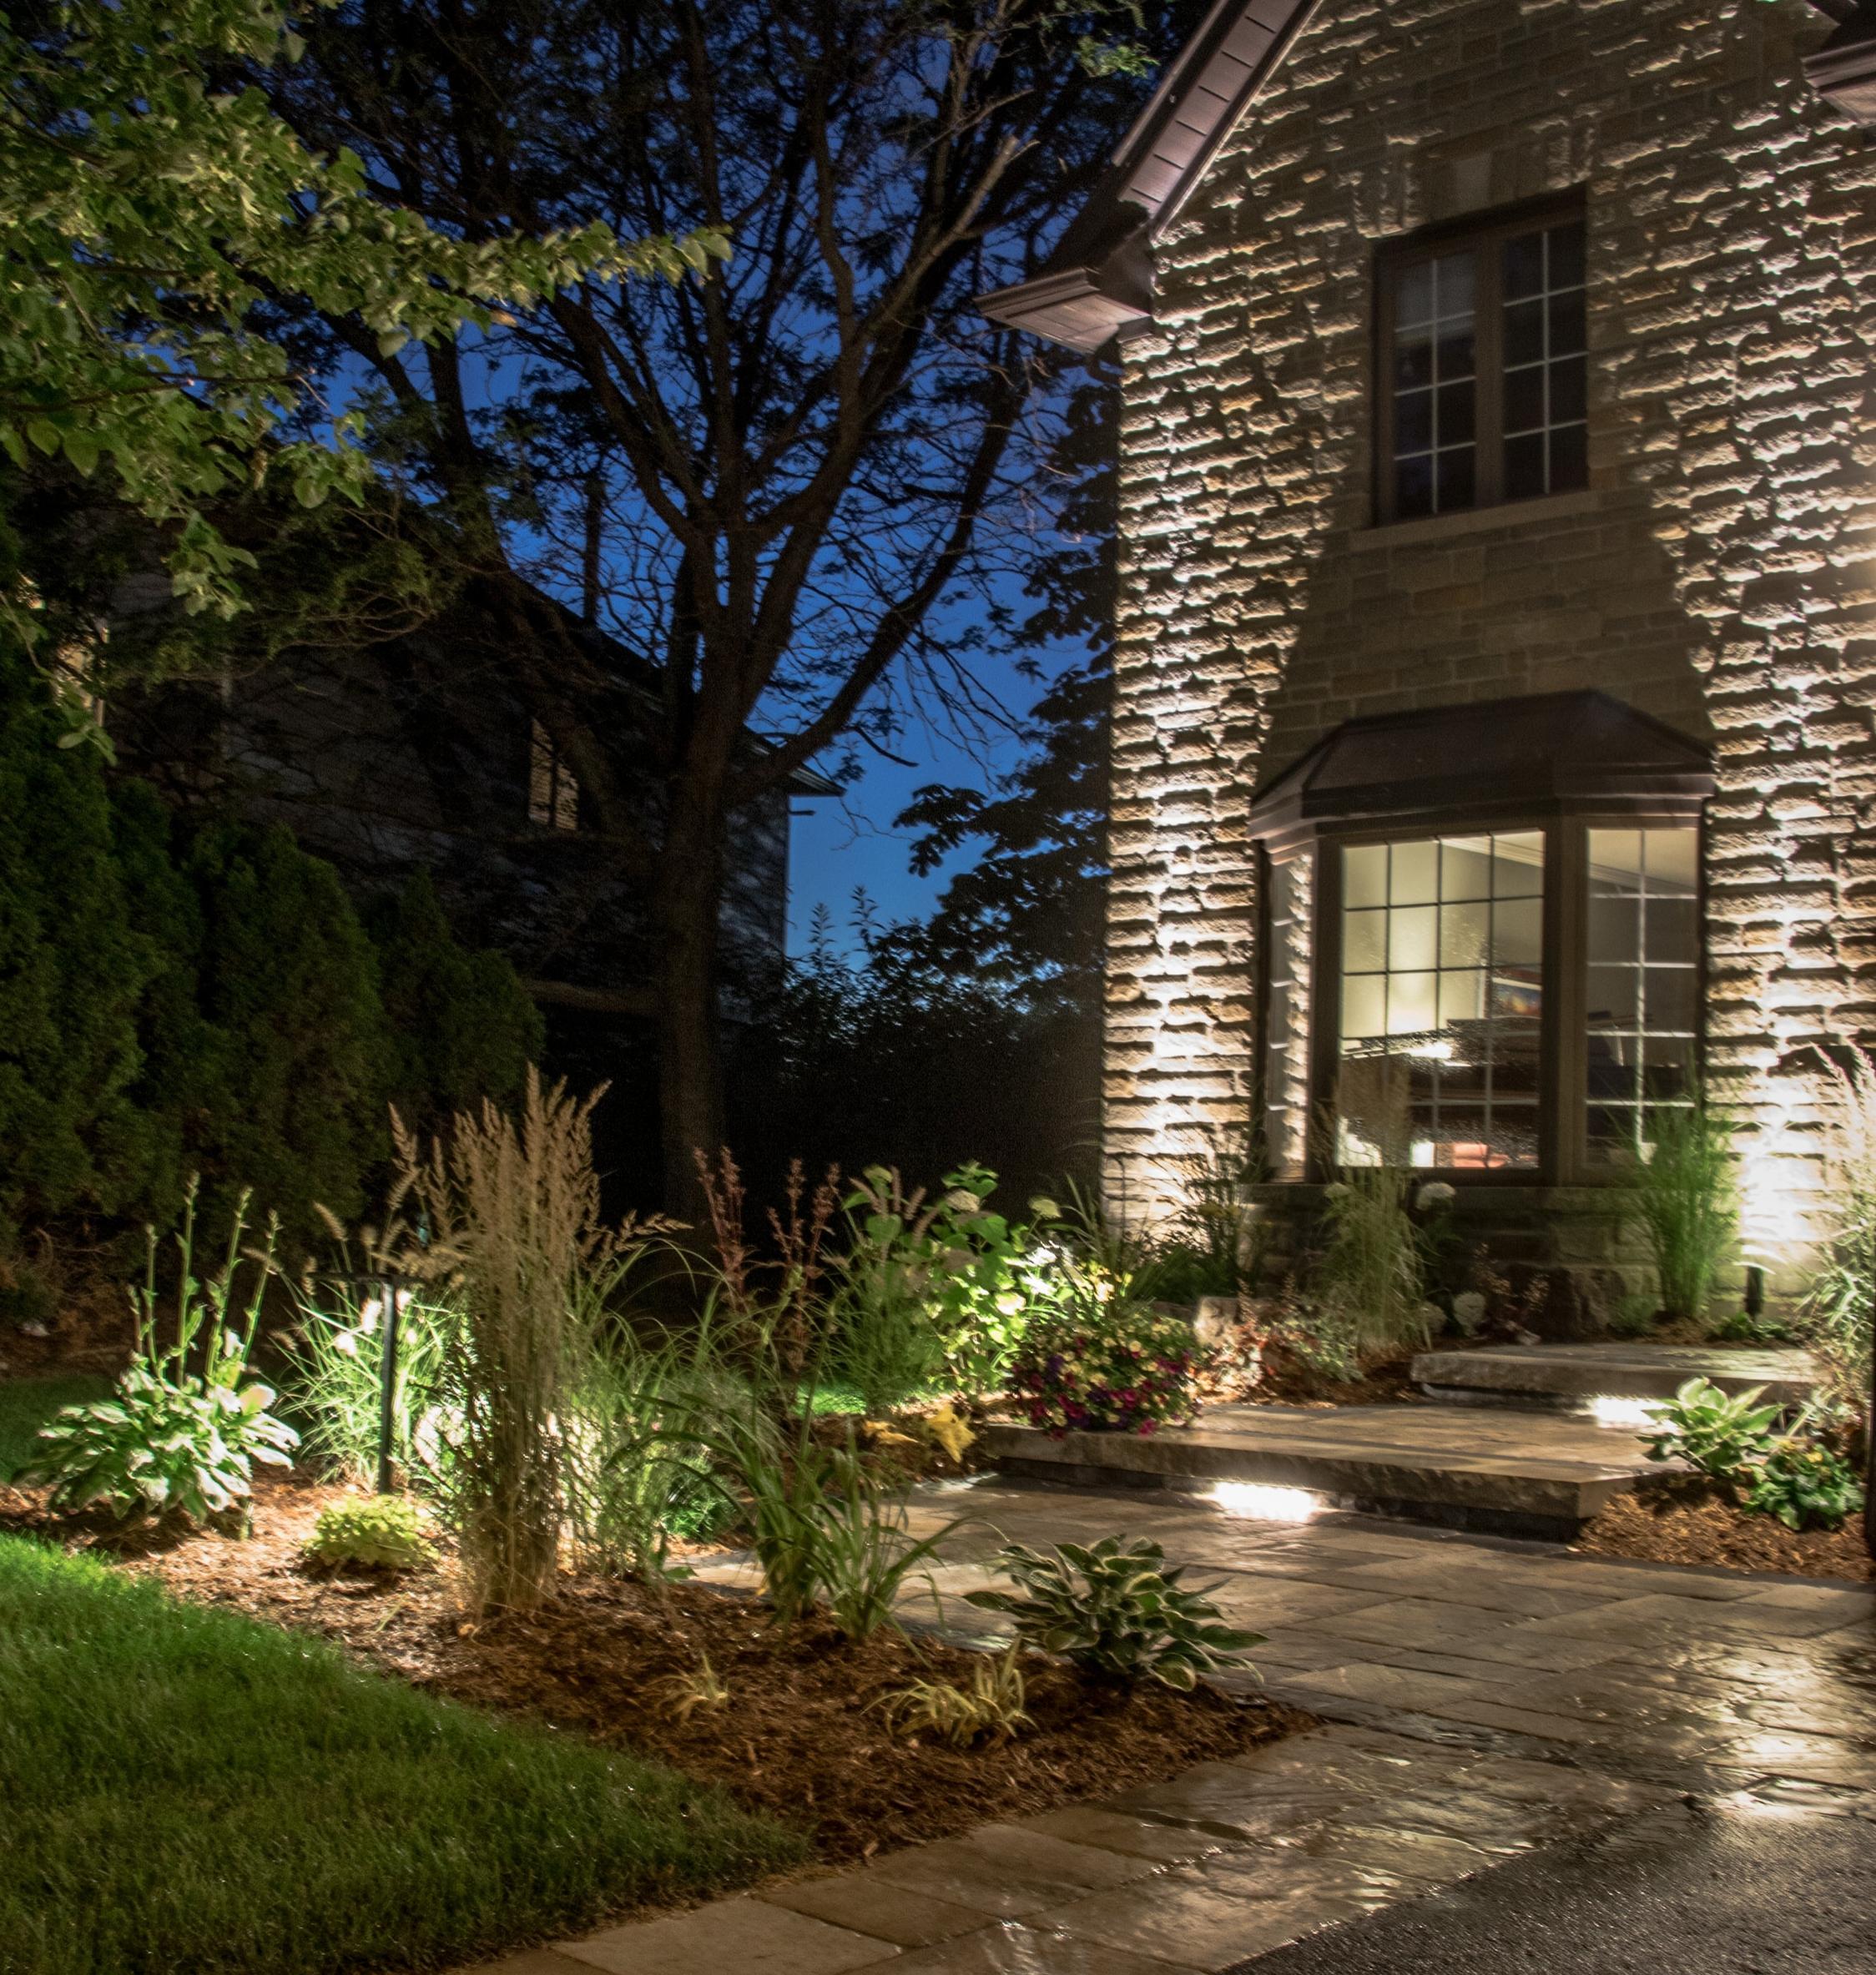 Landscape Lighting - Custom Landscape lighting to suit your home.